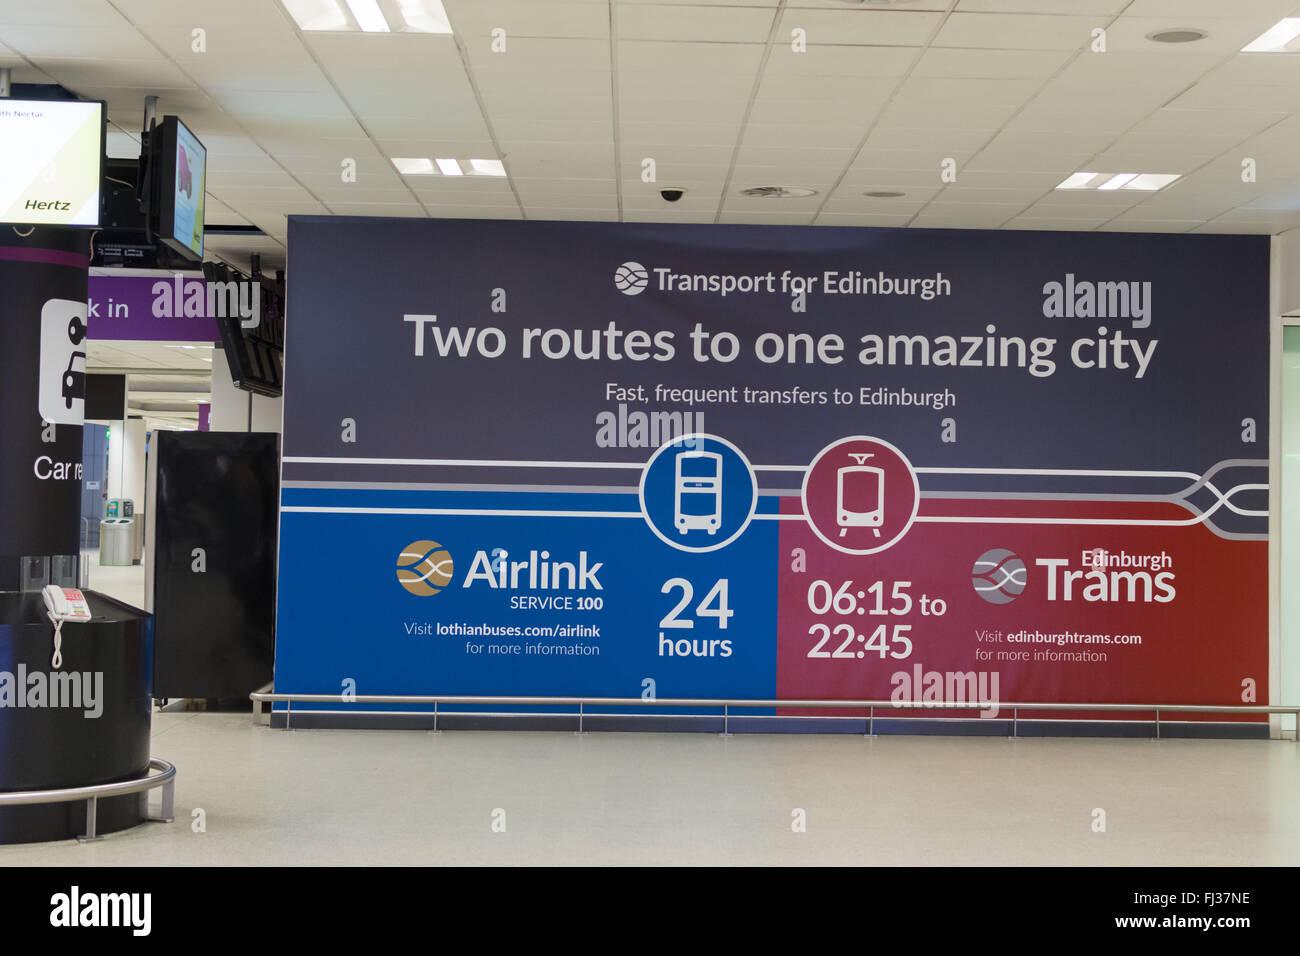 Edinburgh Flughafen Zeichen Werbung Verkehrsanbindung zum Stadtzentrum von Edinburgh - Airlink und Edinburgh Straßenbahnen Stockbild